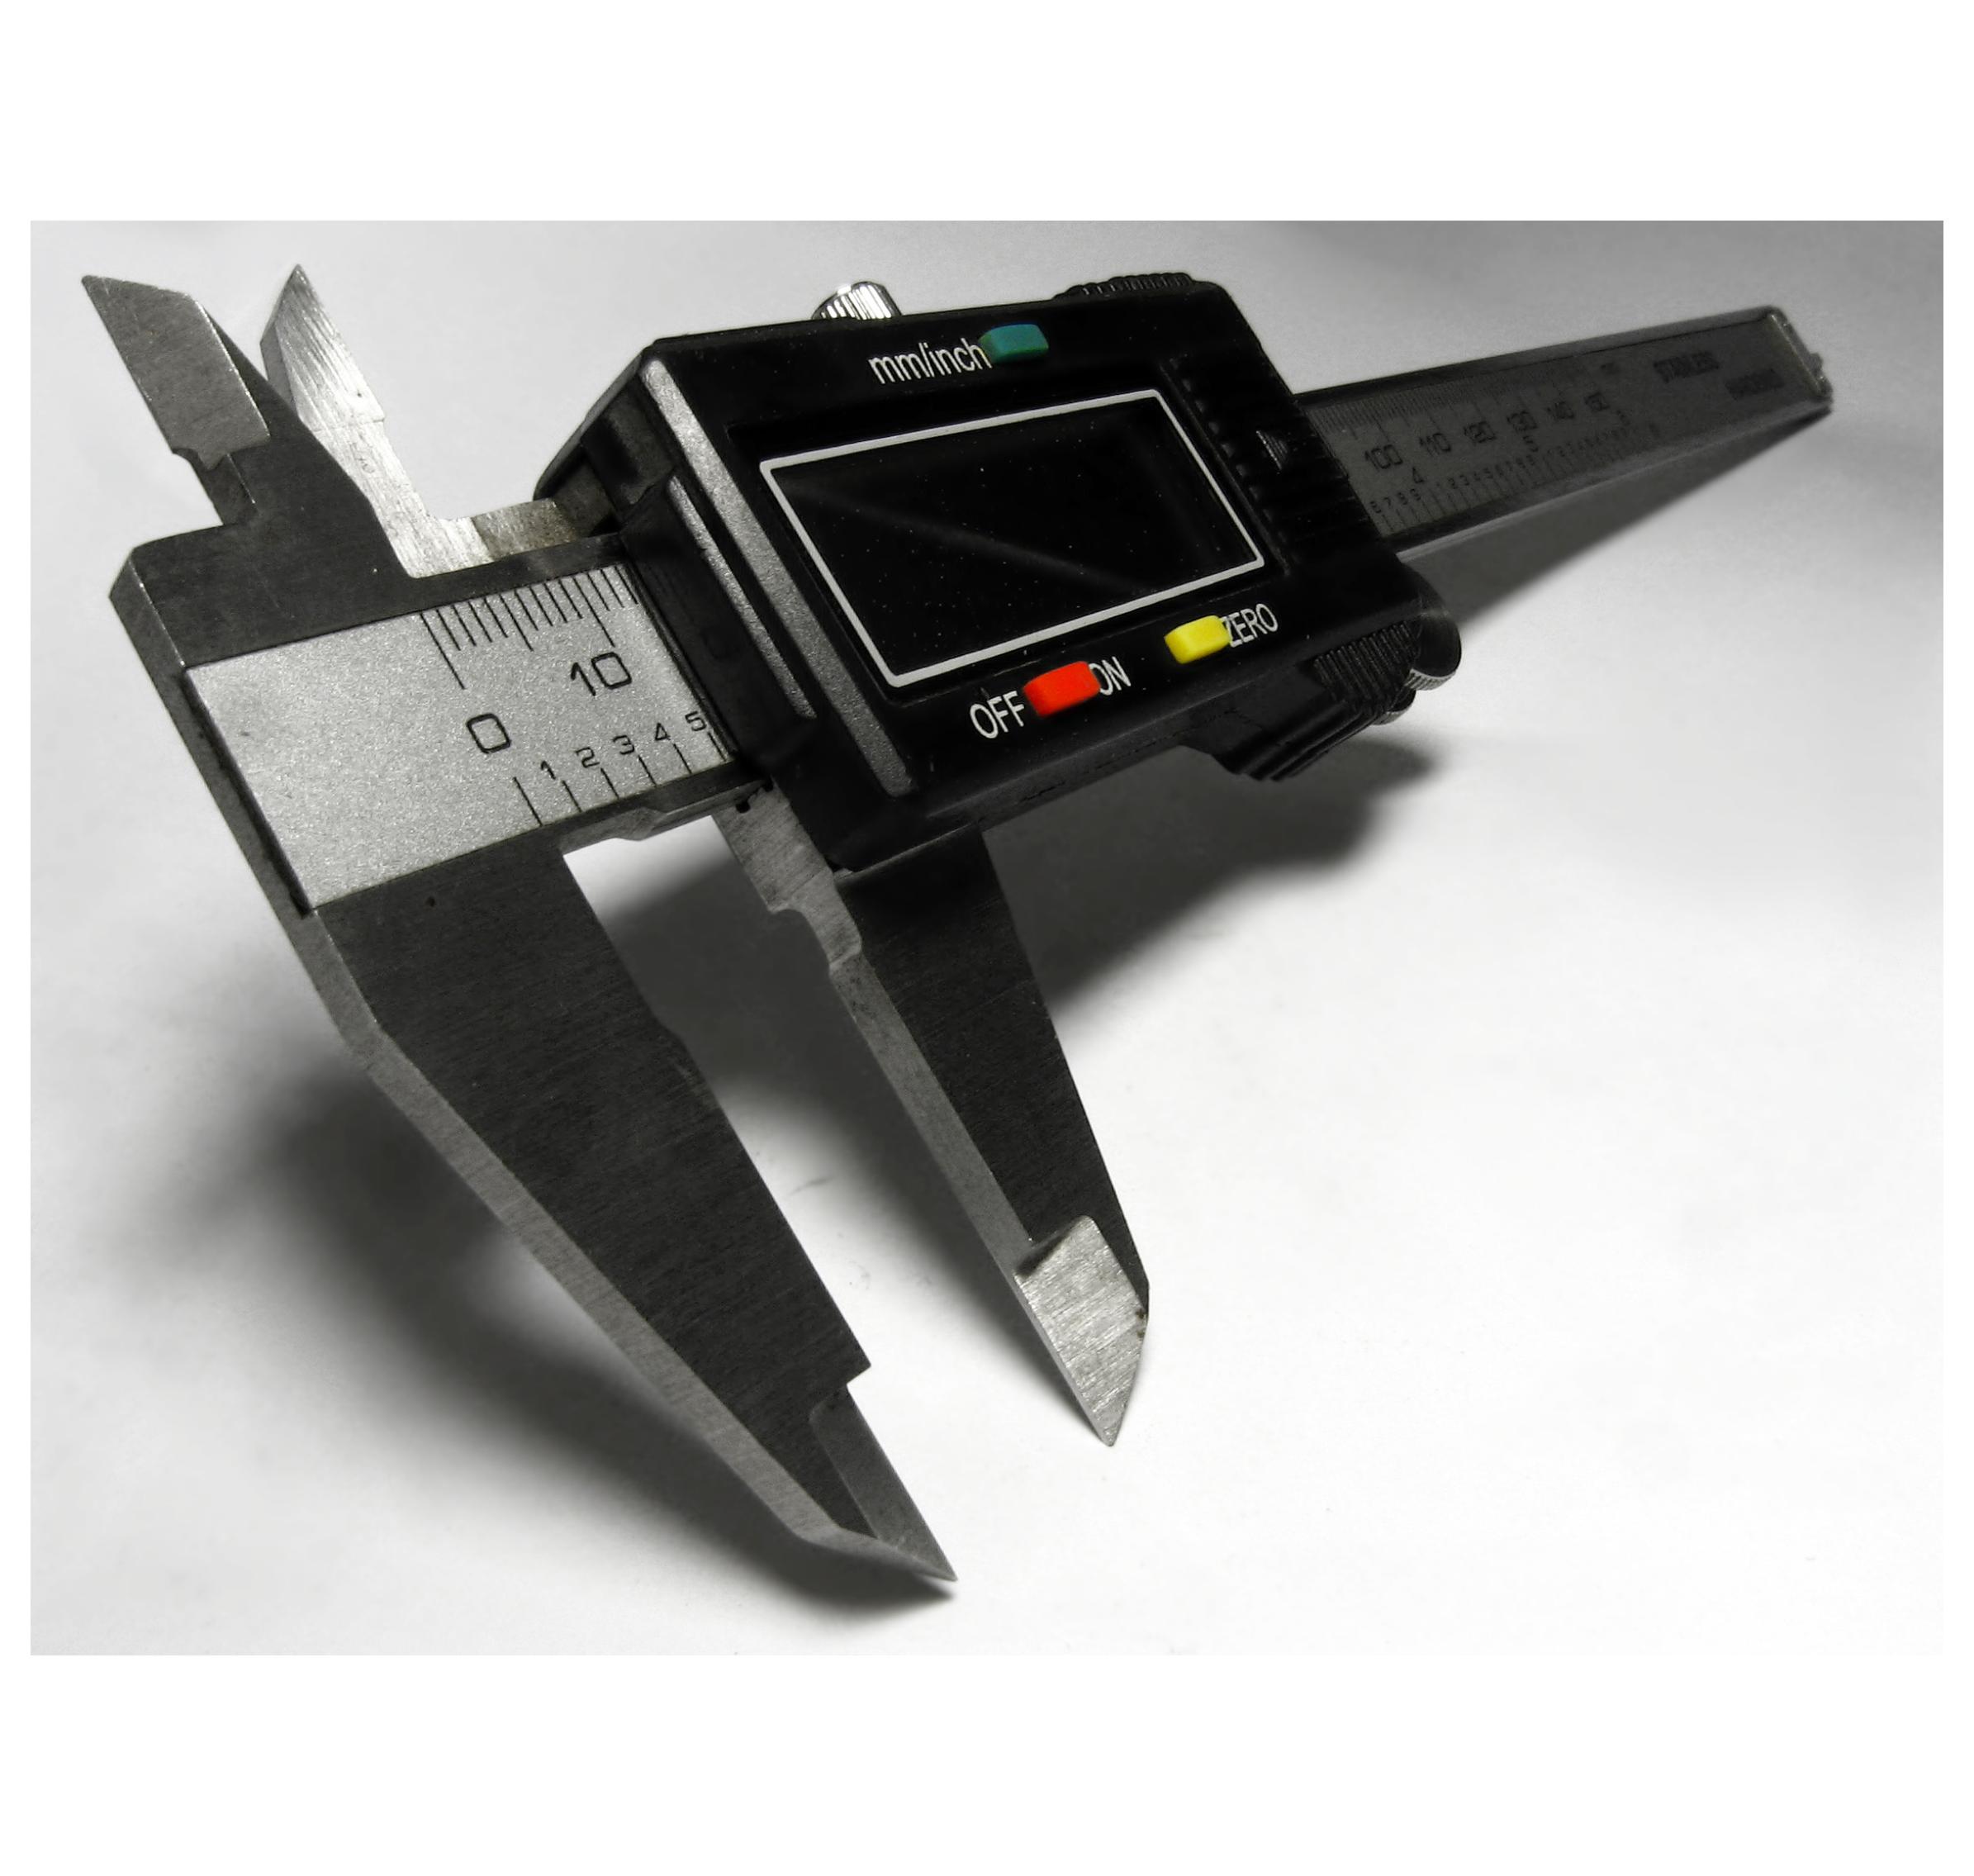 Calibrated Micrometer